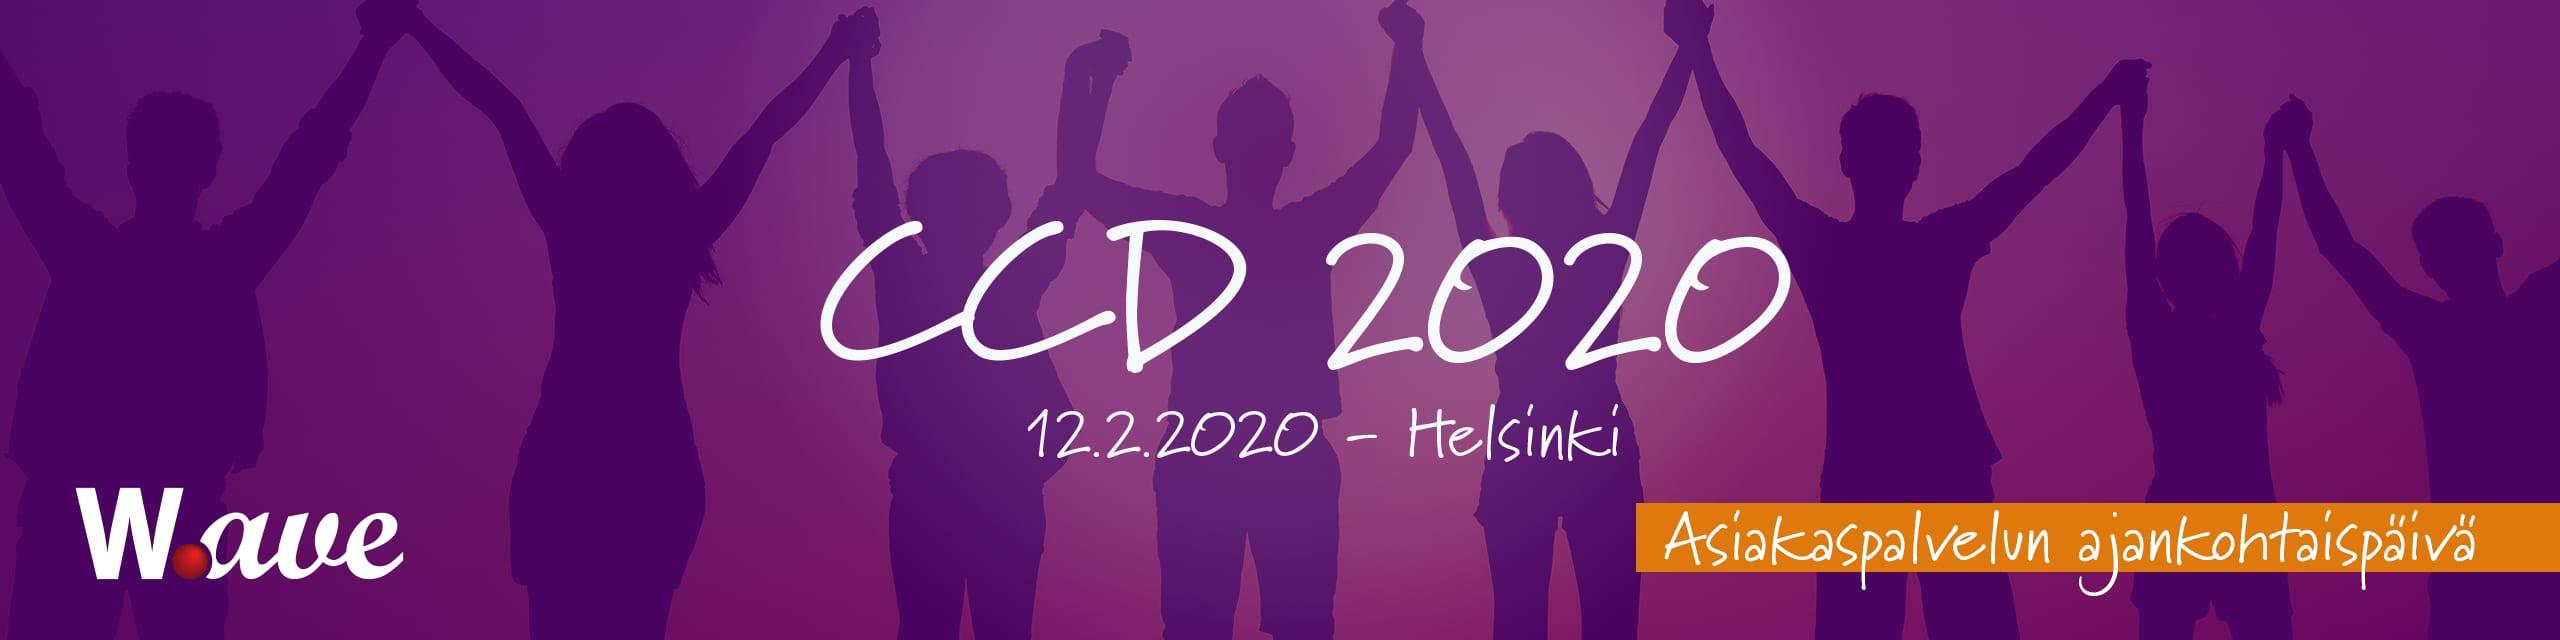 CCD2020-seminaari